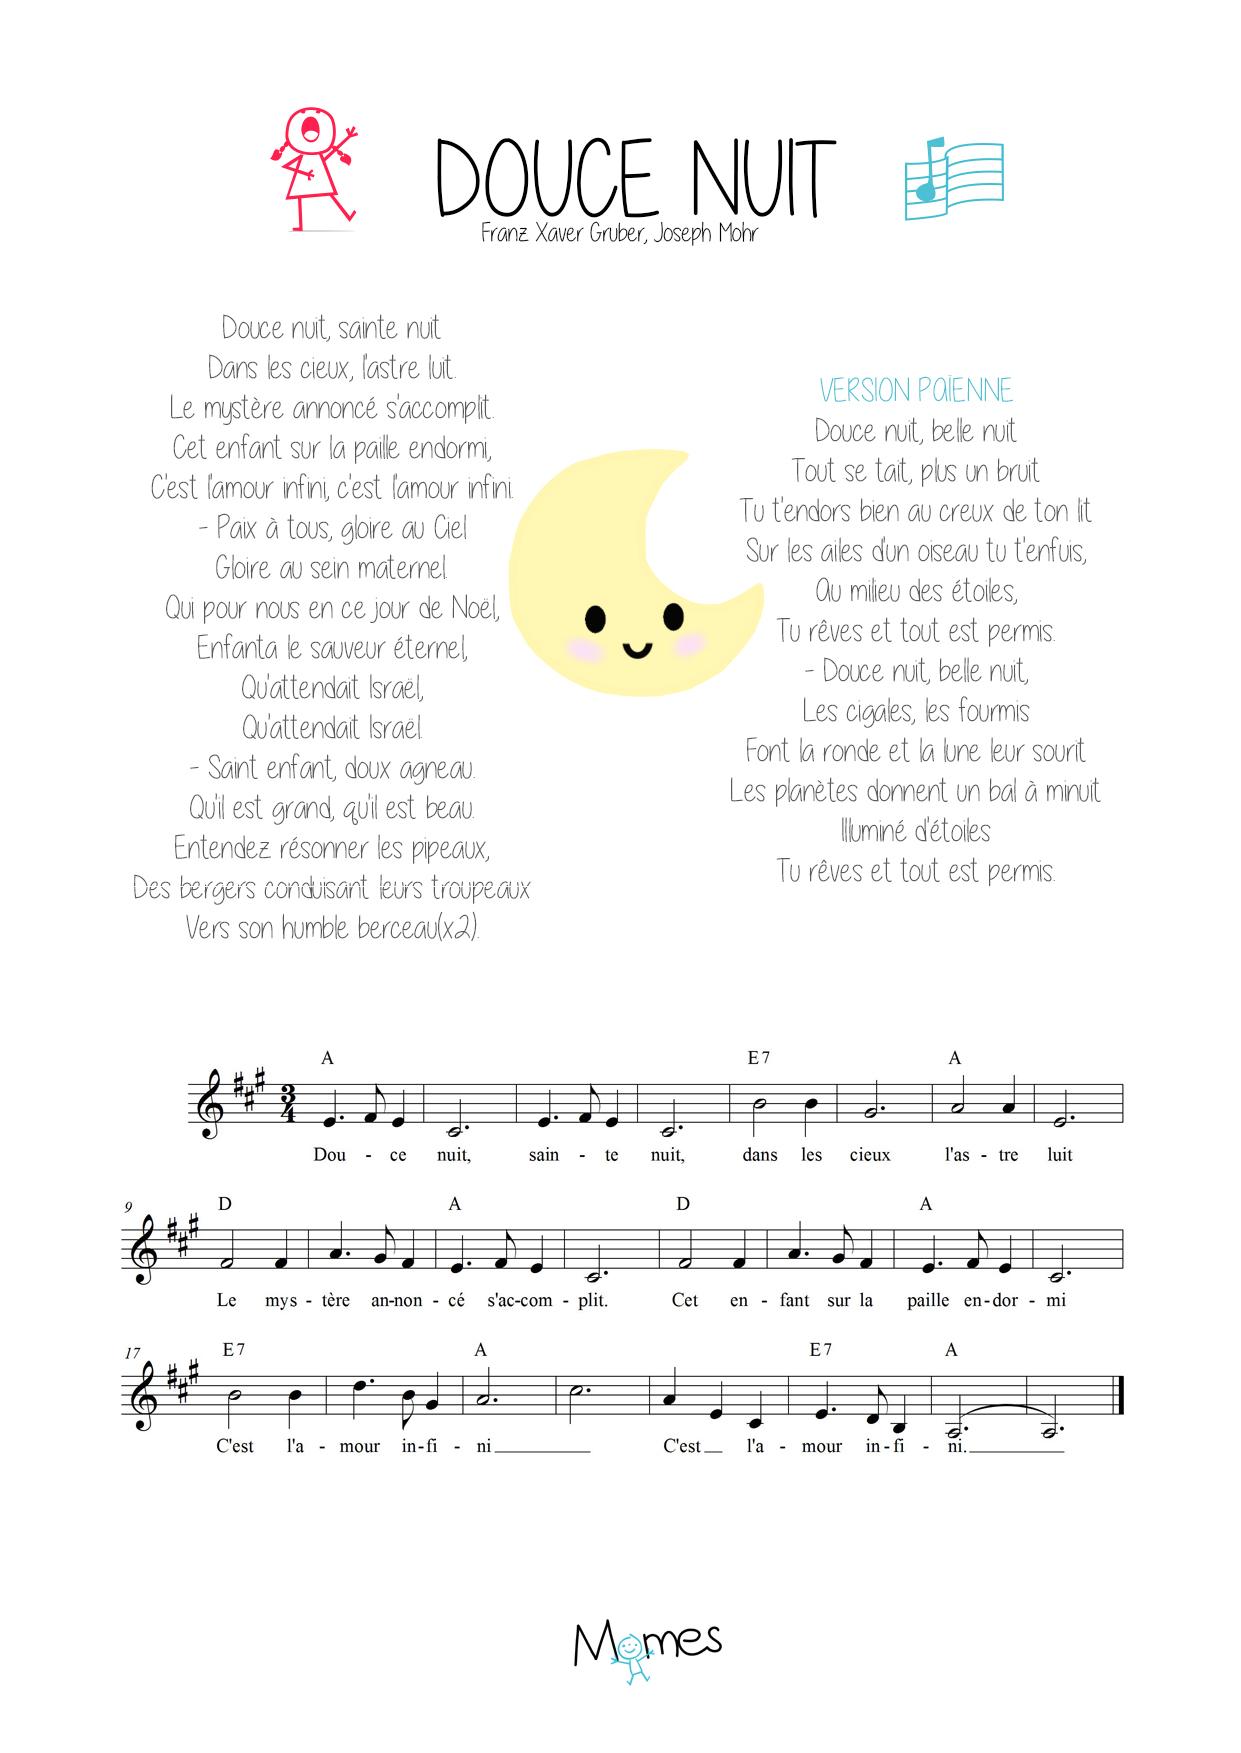 chant de noel douce nuit en anglais